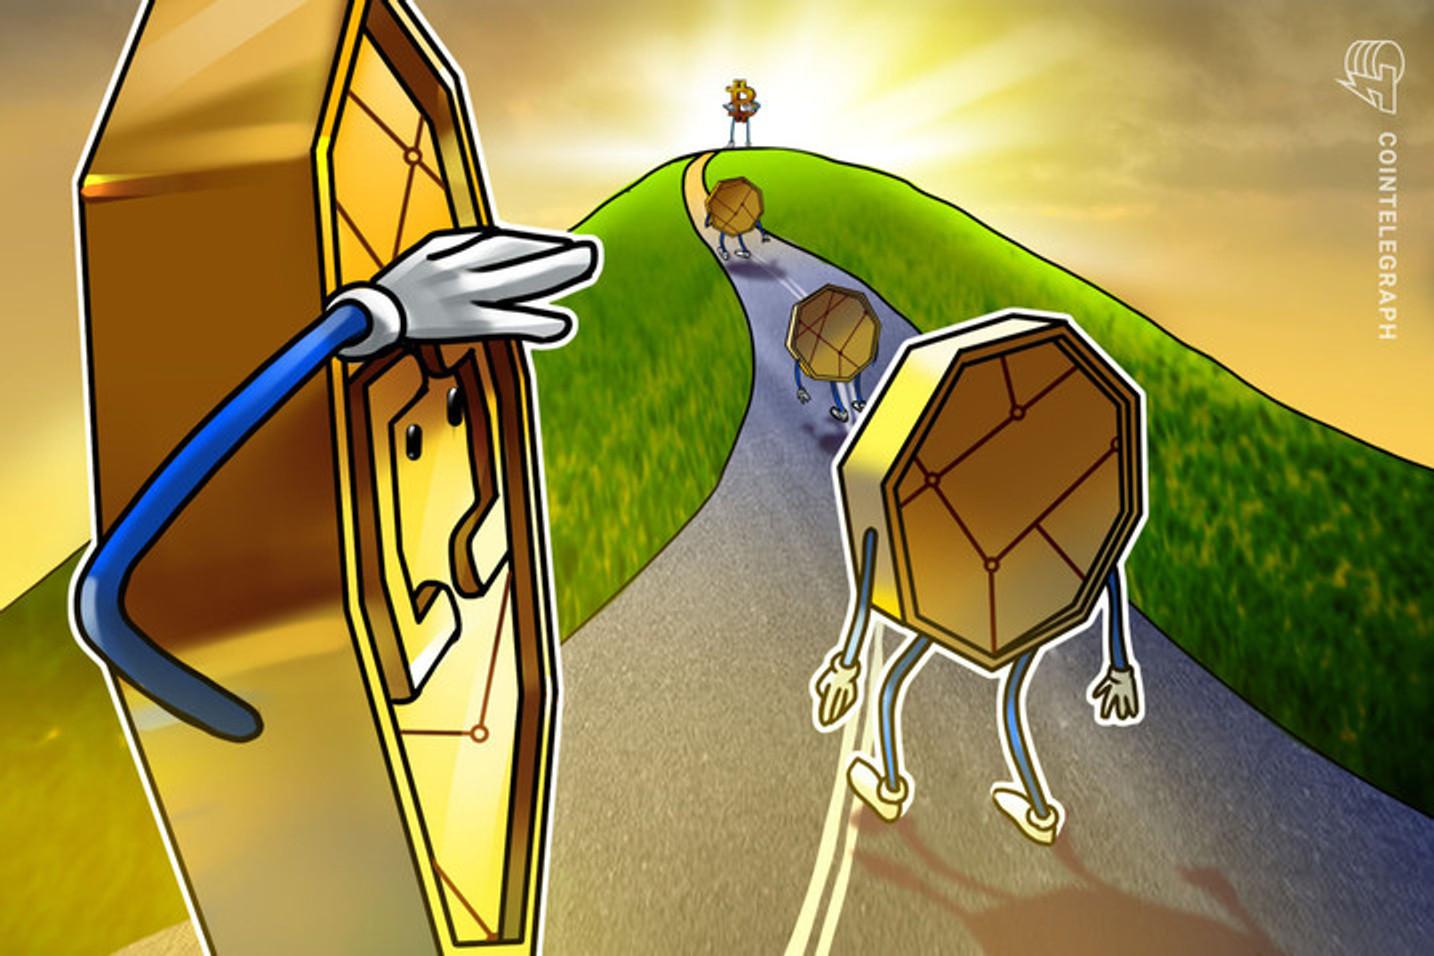 ¿Qué perspectivas abre la legalización del Bitcoin como moneda de curso legal en El Salvador para otros países de Latinoamérica?